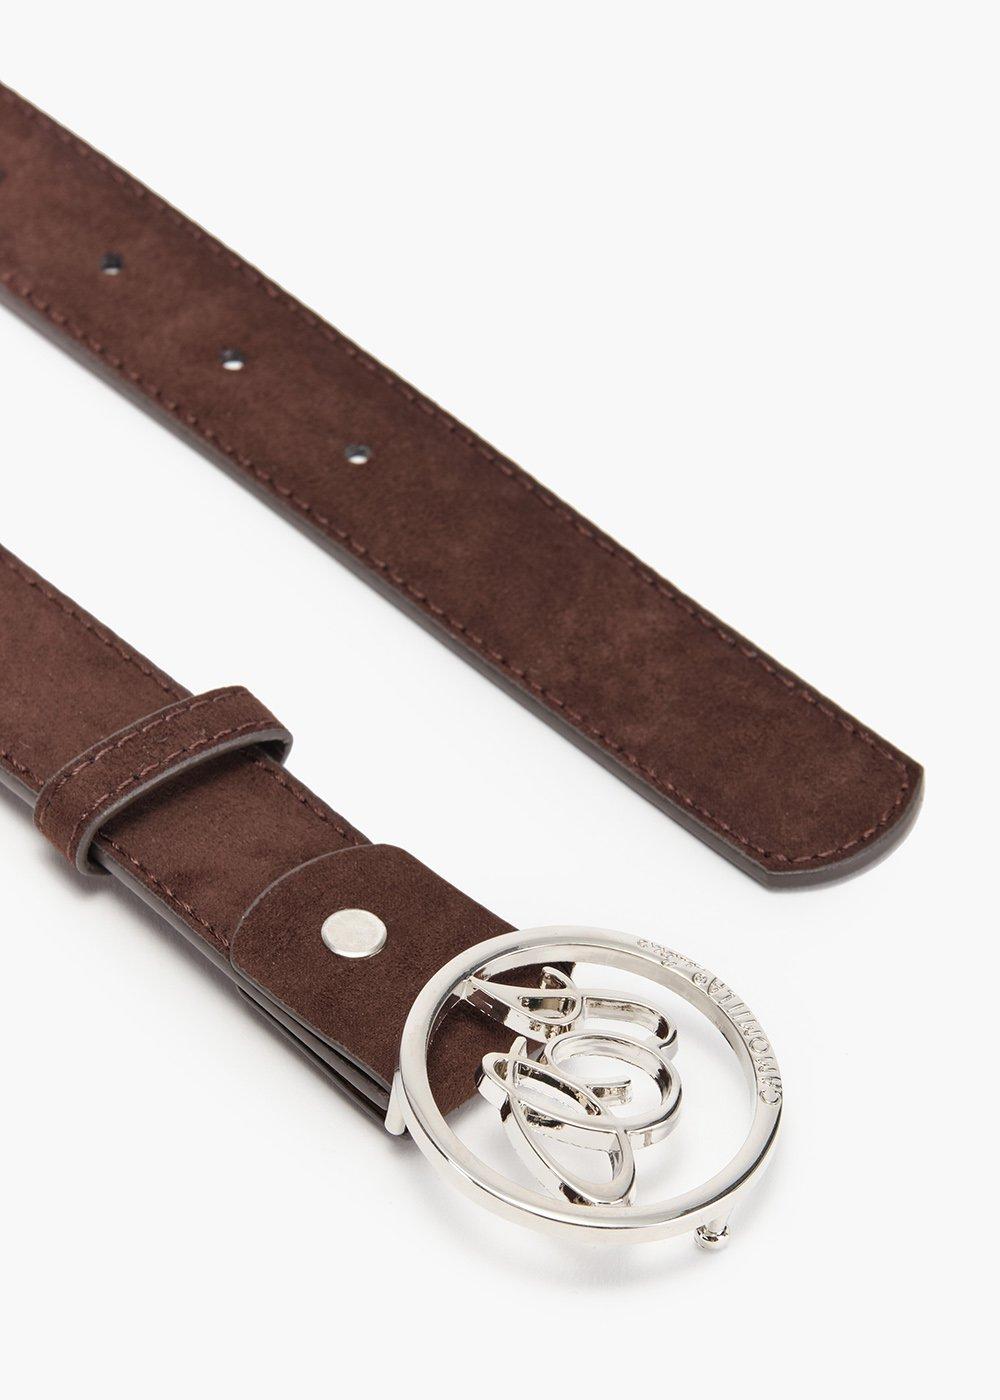 Cintura Cinty da passante in eco camoscio - Marrone - Donna